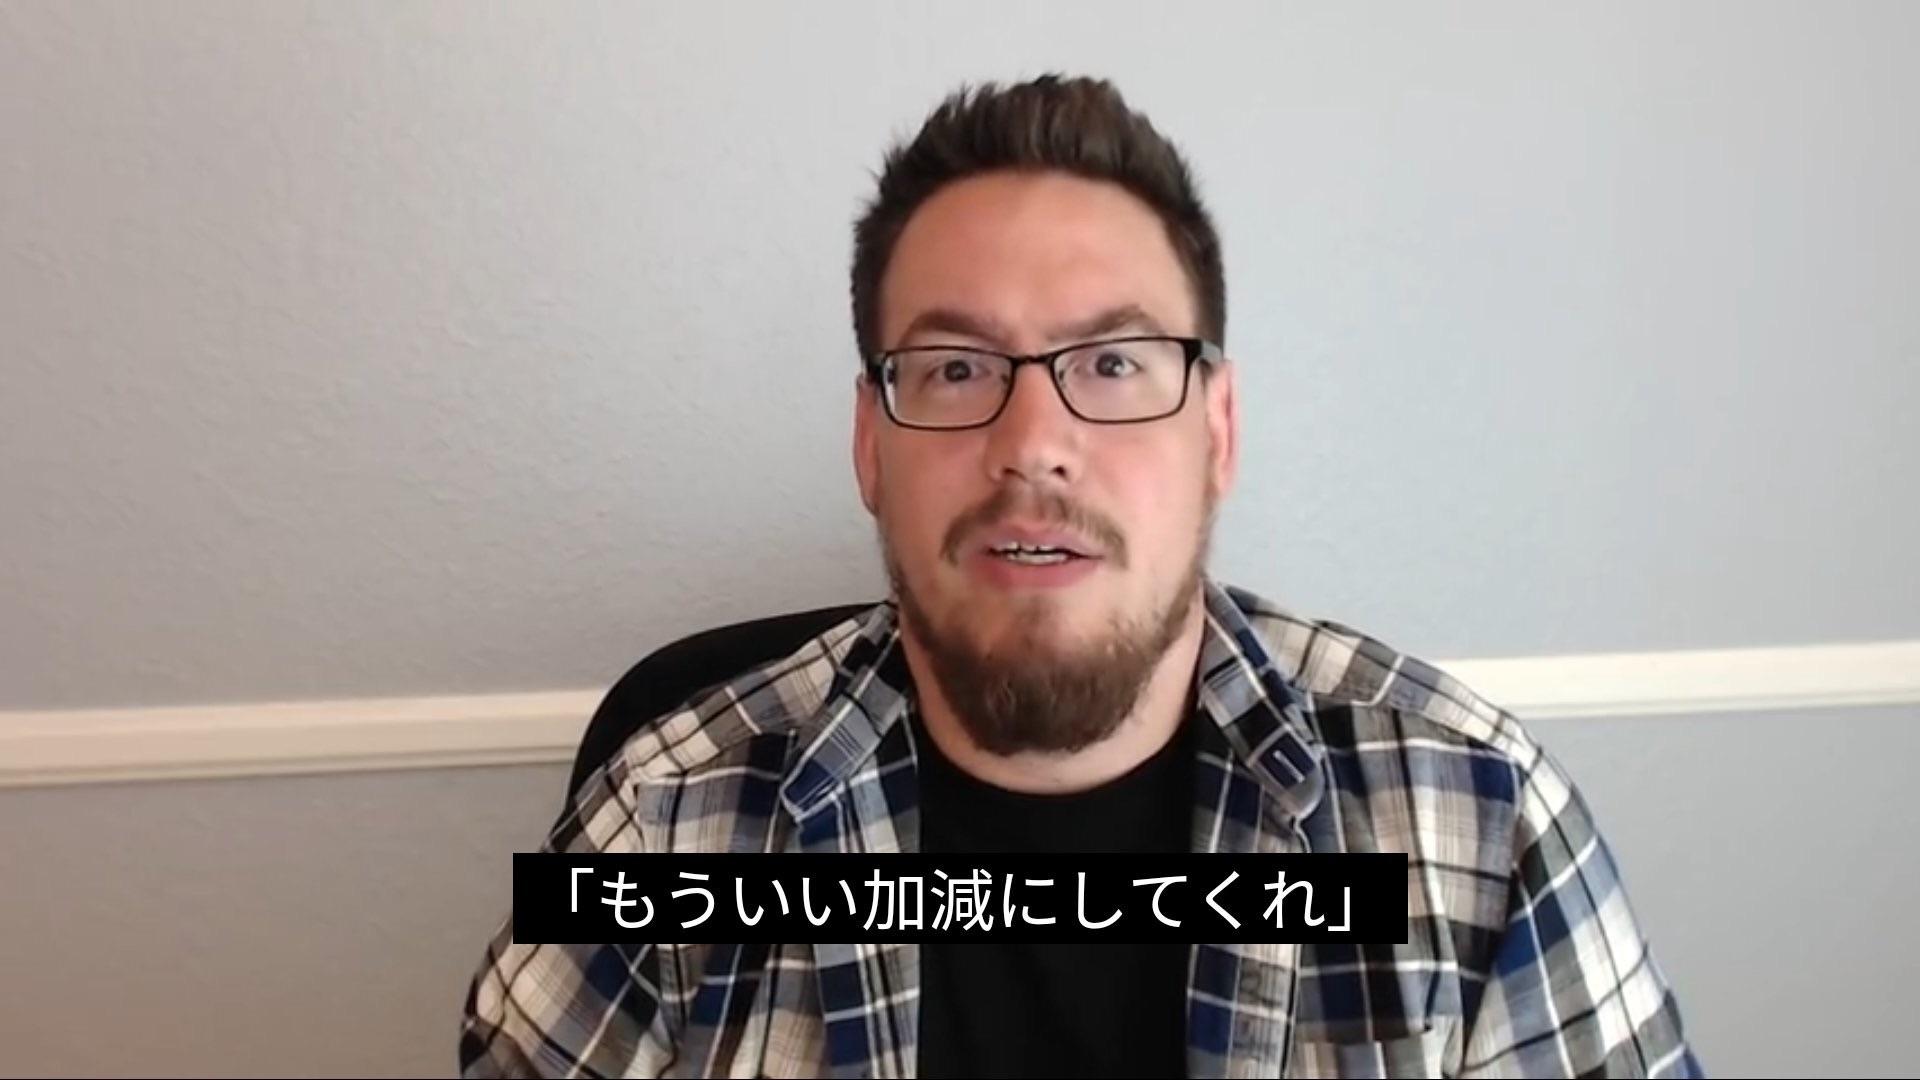 f:id:yamashinagogo4:20191021214950j:image